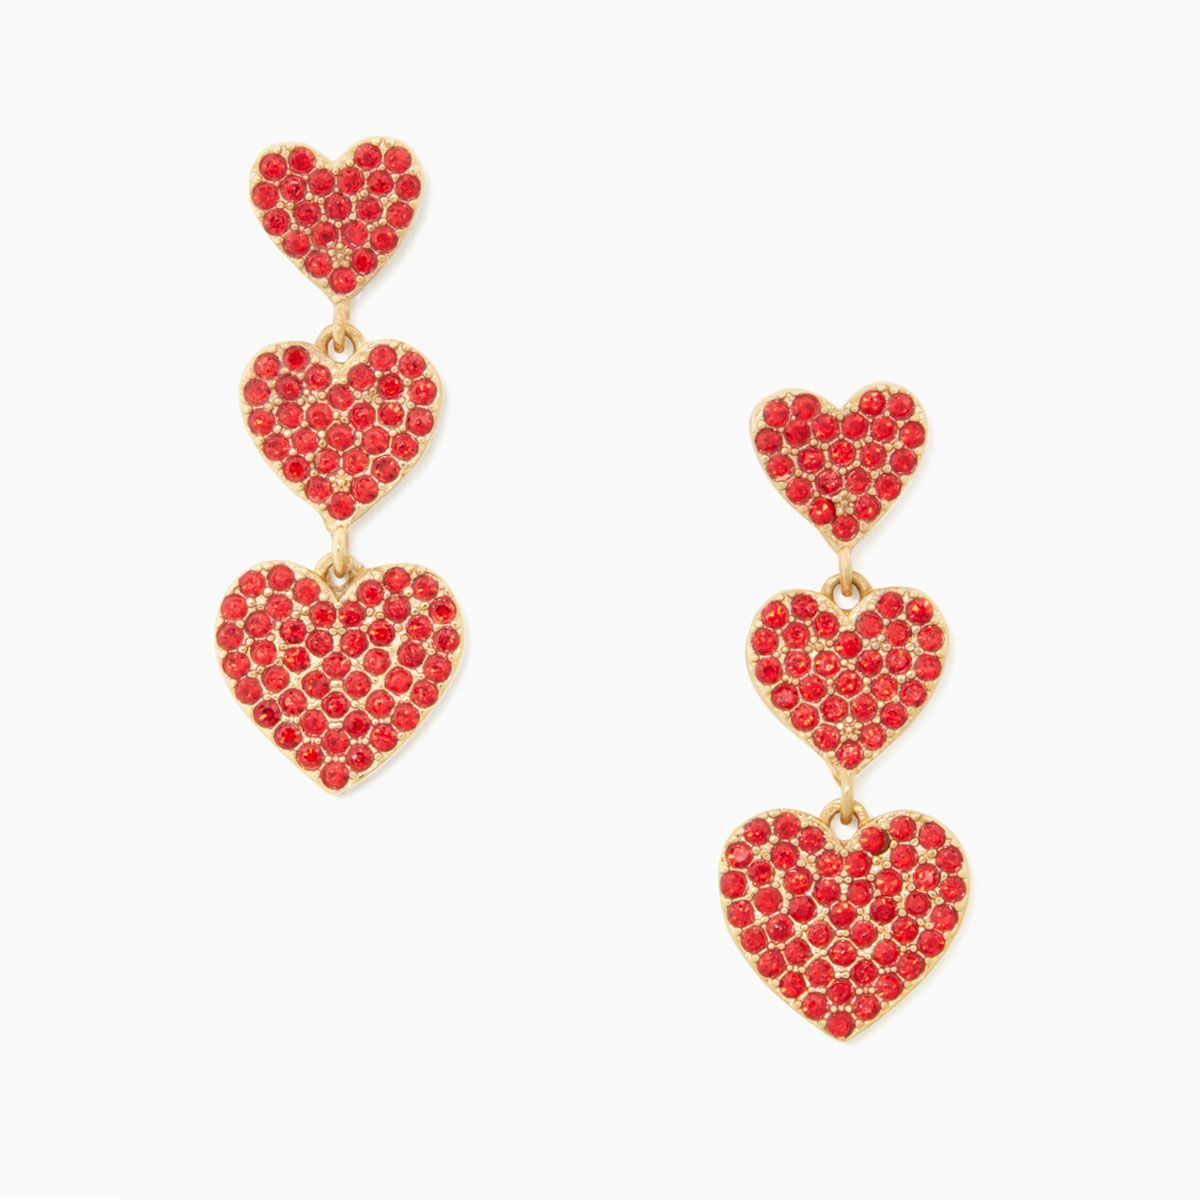 best-heart-earrings-270025-1539350959228-product.1200x0c.jpg (1200×1200)